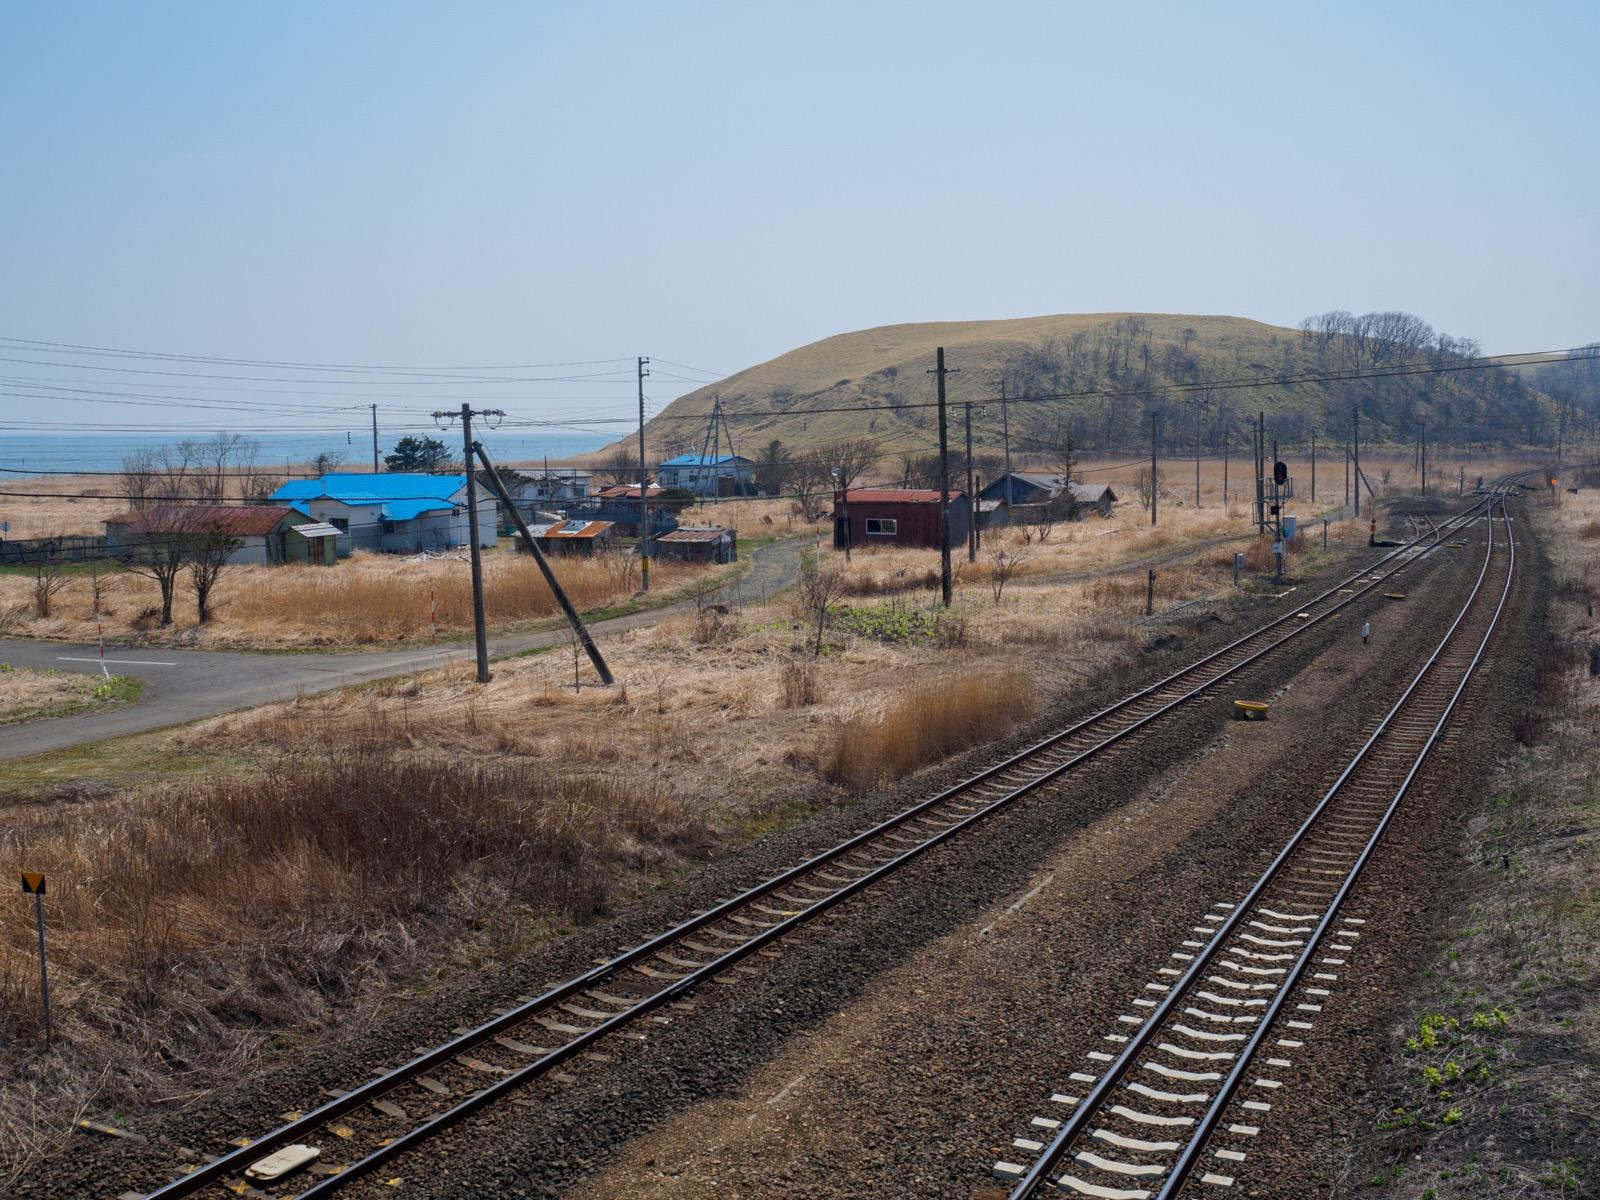 尺別駅の跨線橋から見た集落と海岸